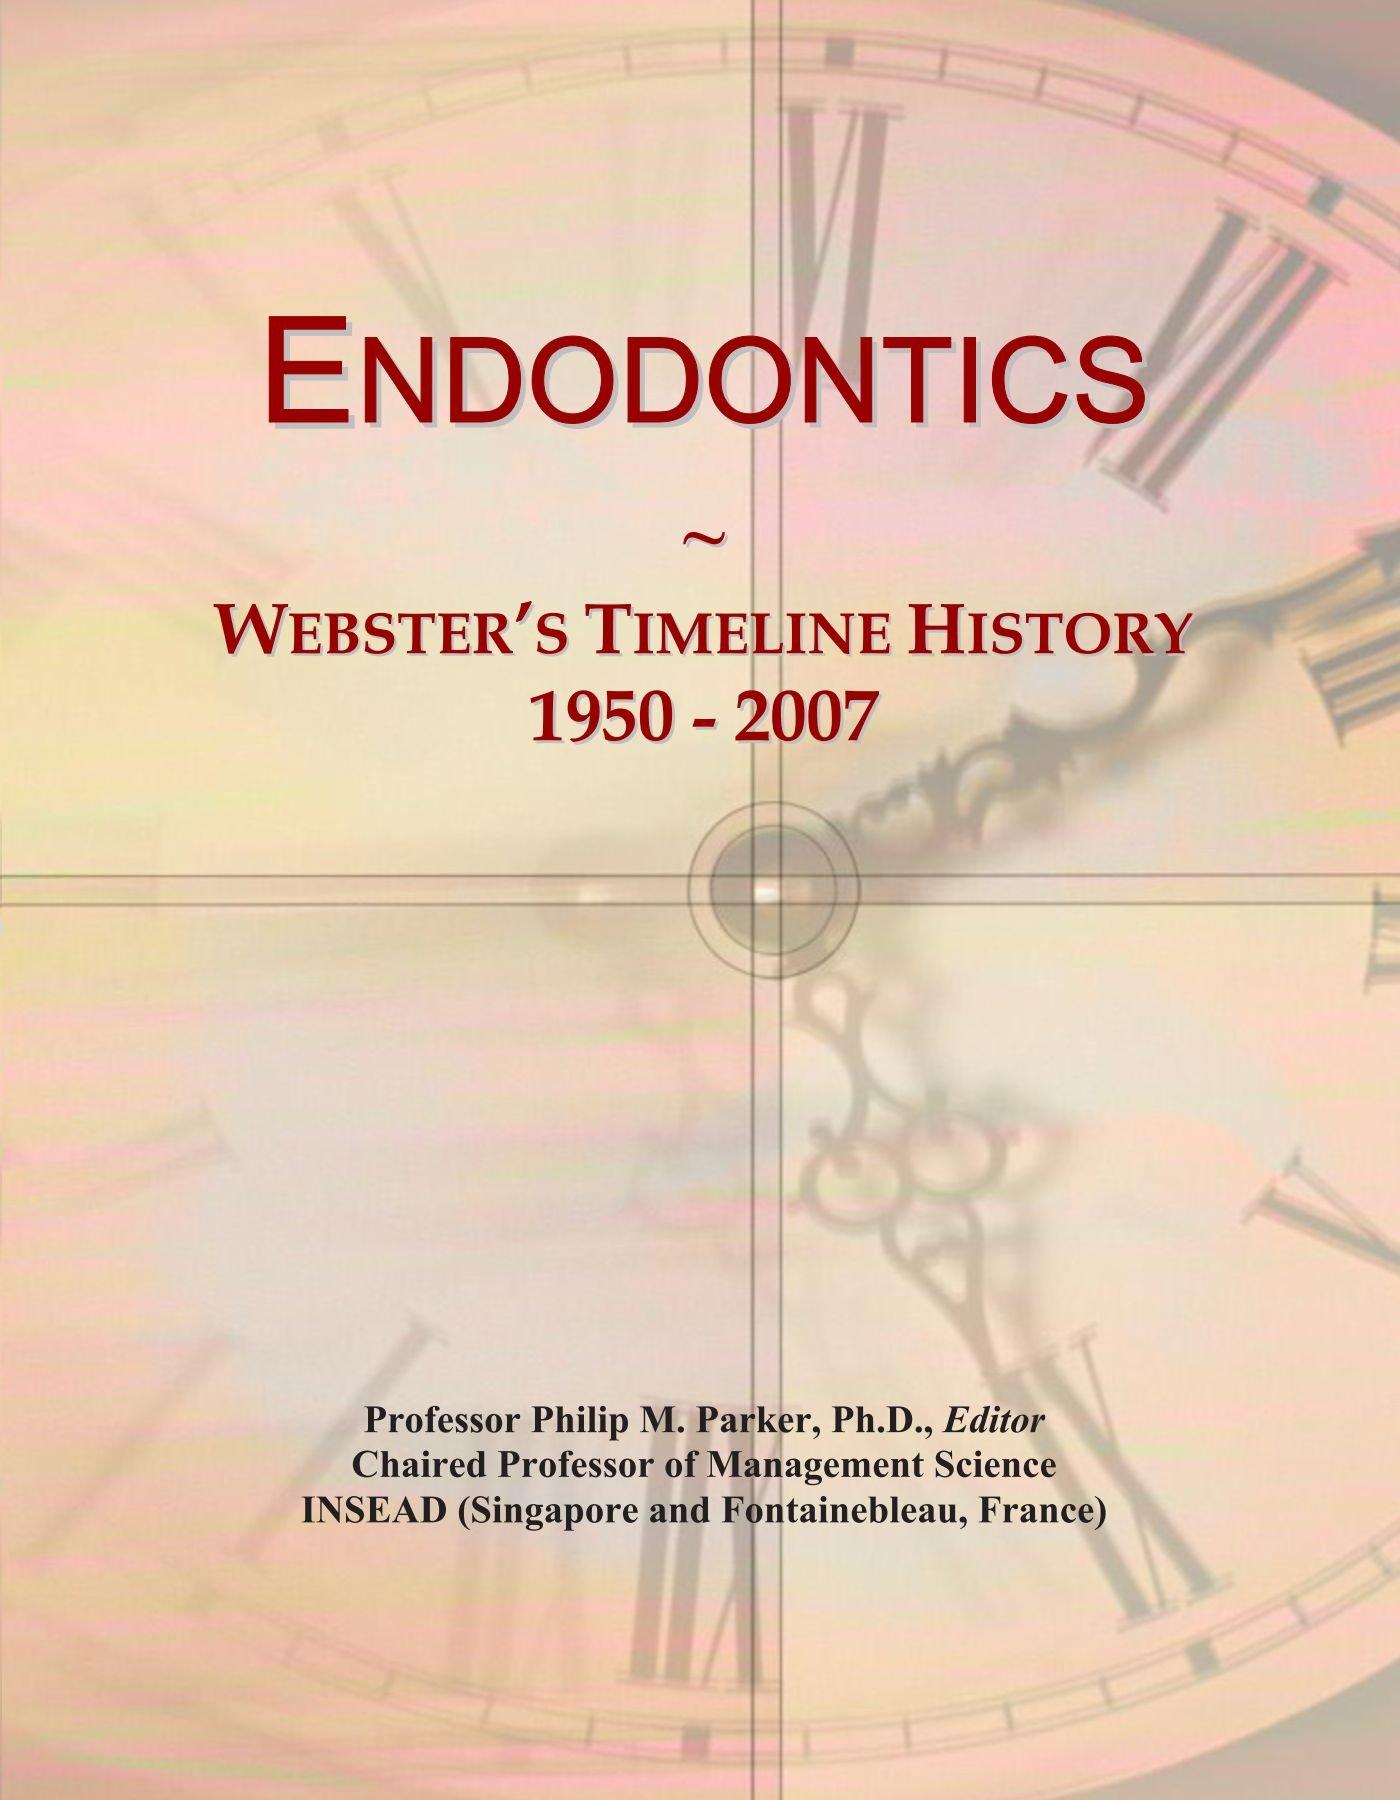 Endodontics: Webster's Timeline History, 1950 - 2007